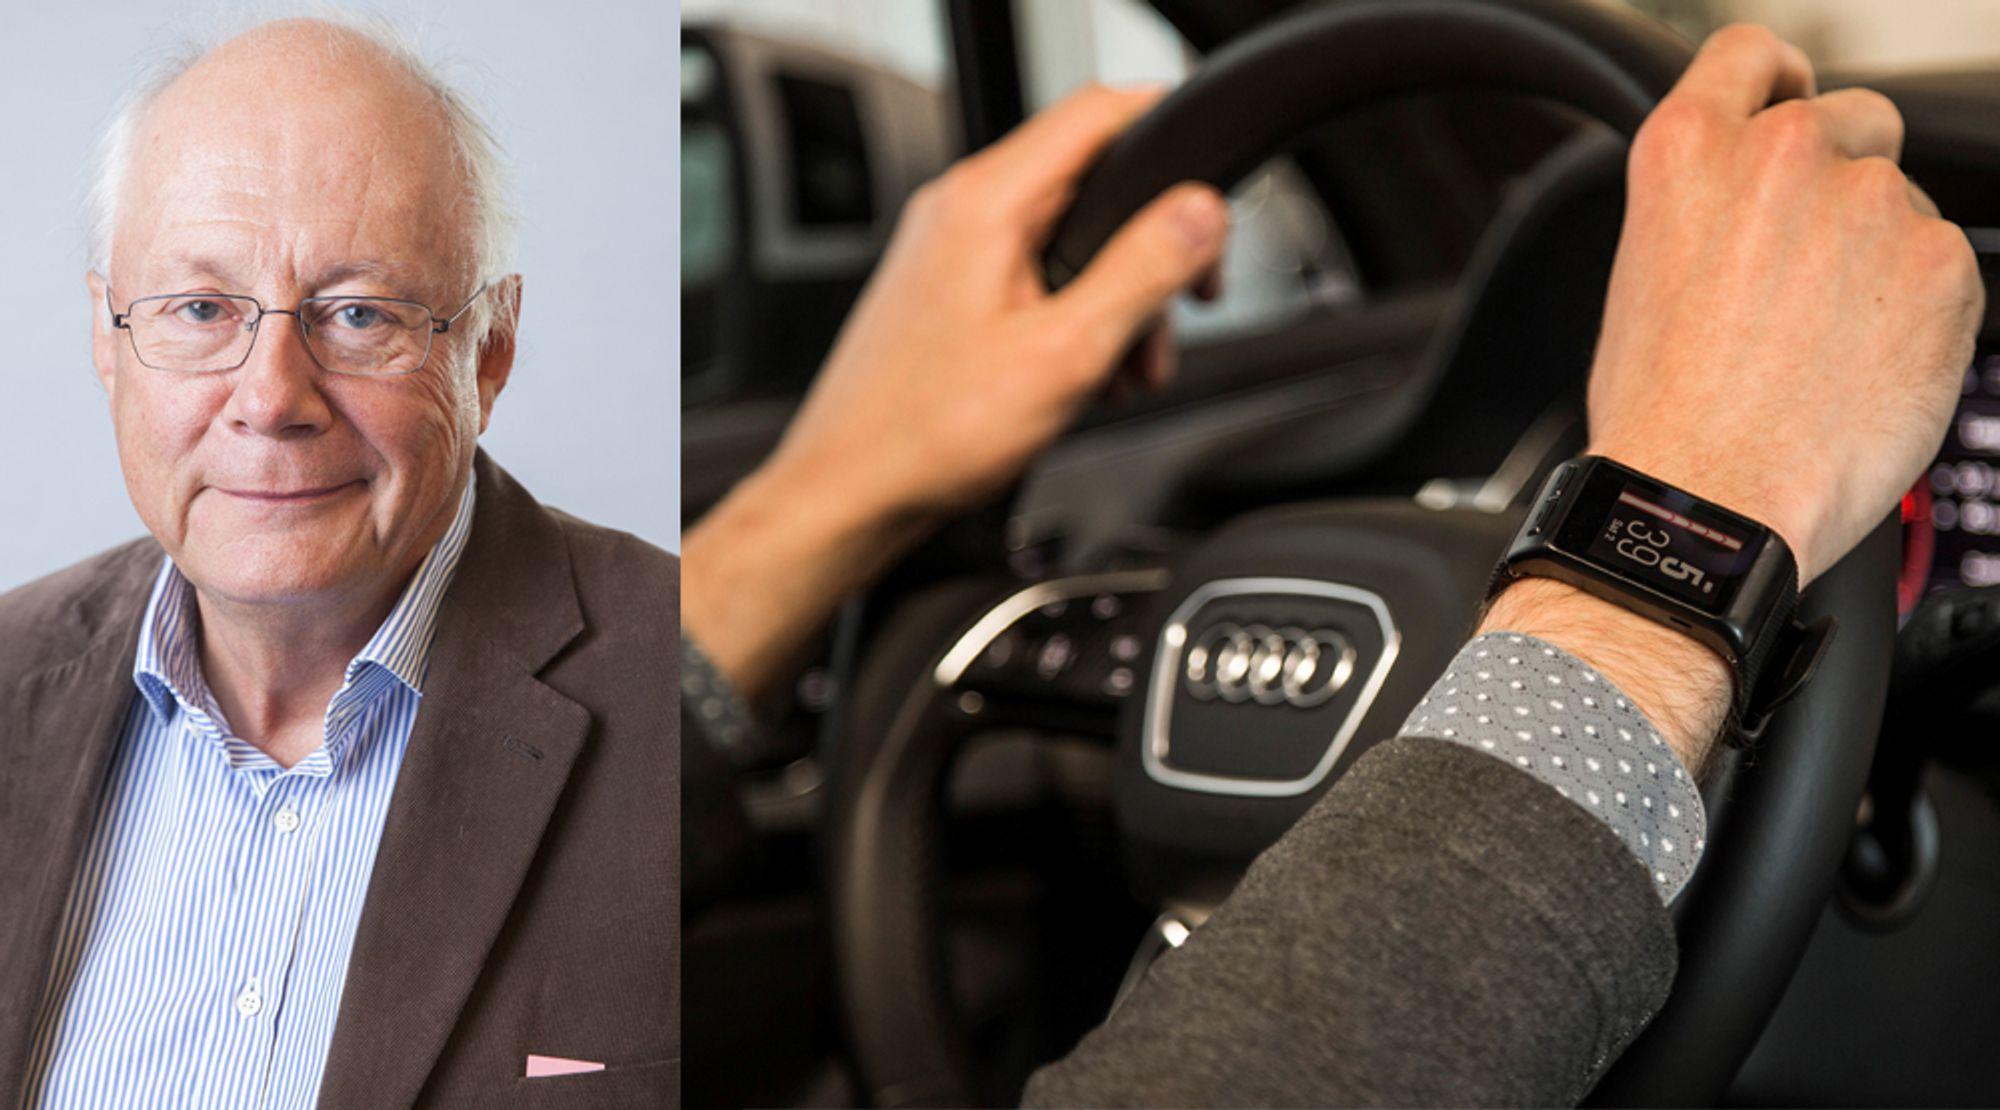 Et fitnessband leser av puls og kroppstemperatur hos føreren. Formålet med Audis program er å avlese stressnivået til sjåføren og for eksempel tilby pusteøvelser.